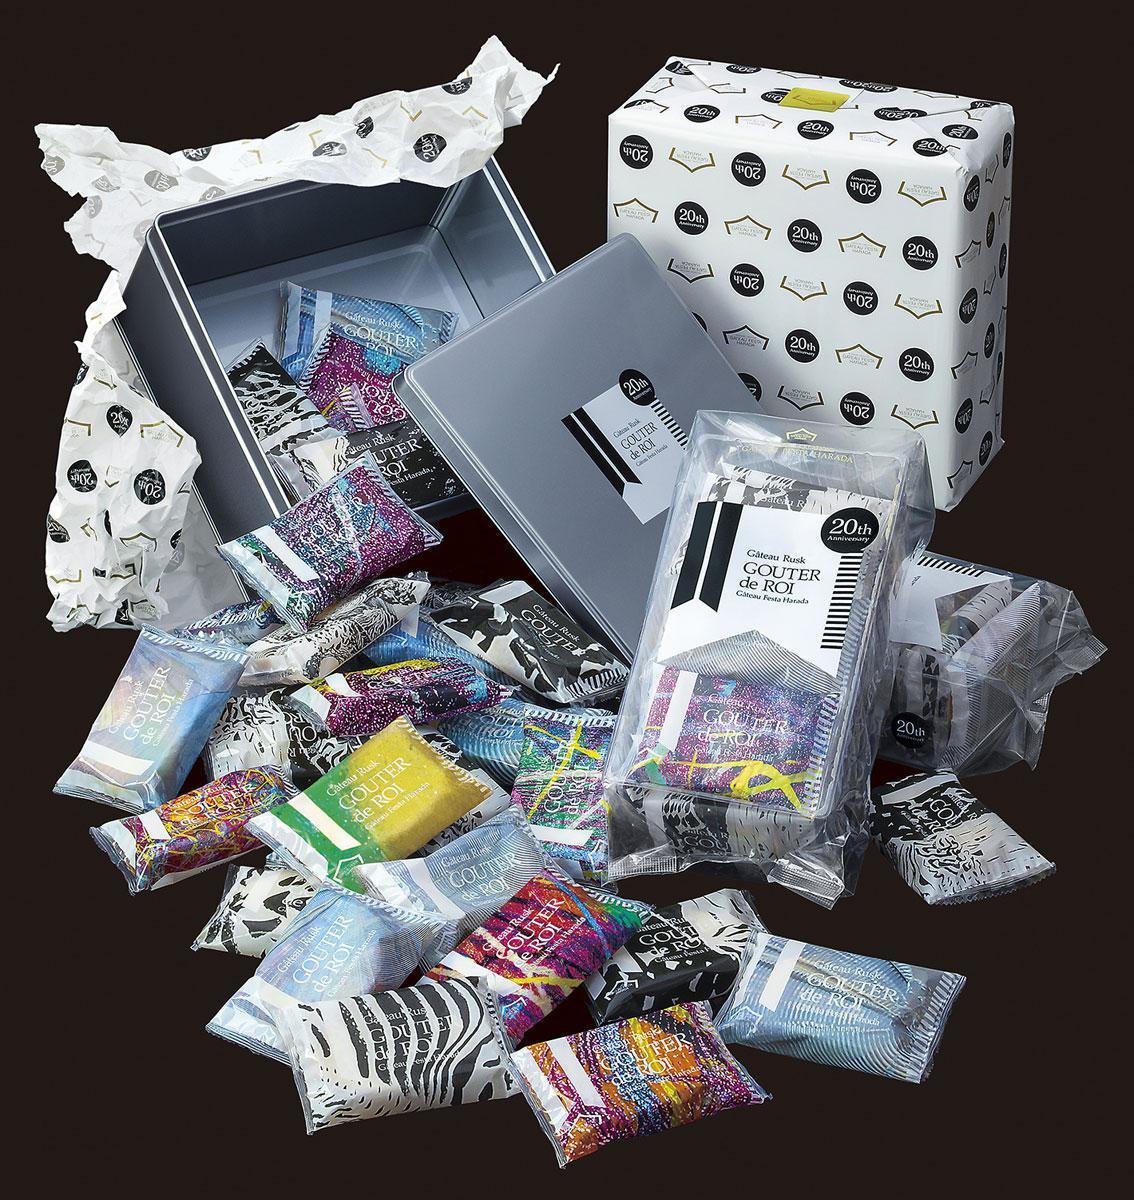 20周年記念パッケージのデザイン(個袋)は3000パターン。作品をランダムに拡大縮小、トリミングしデジタルプリントしたもの